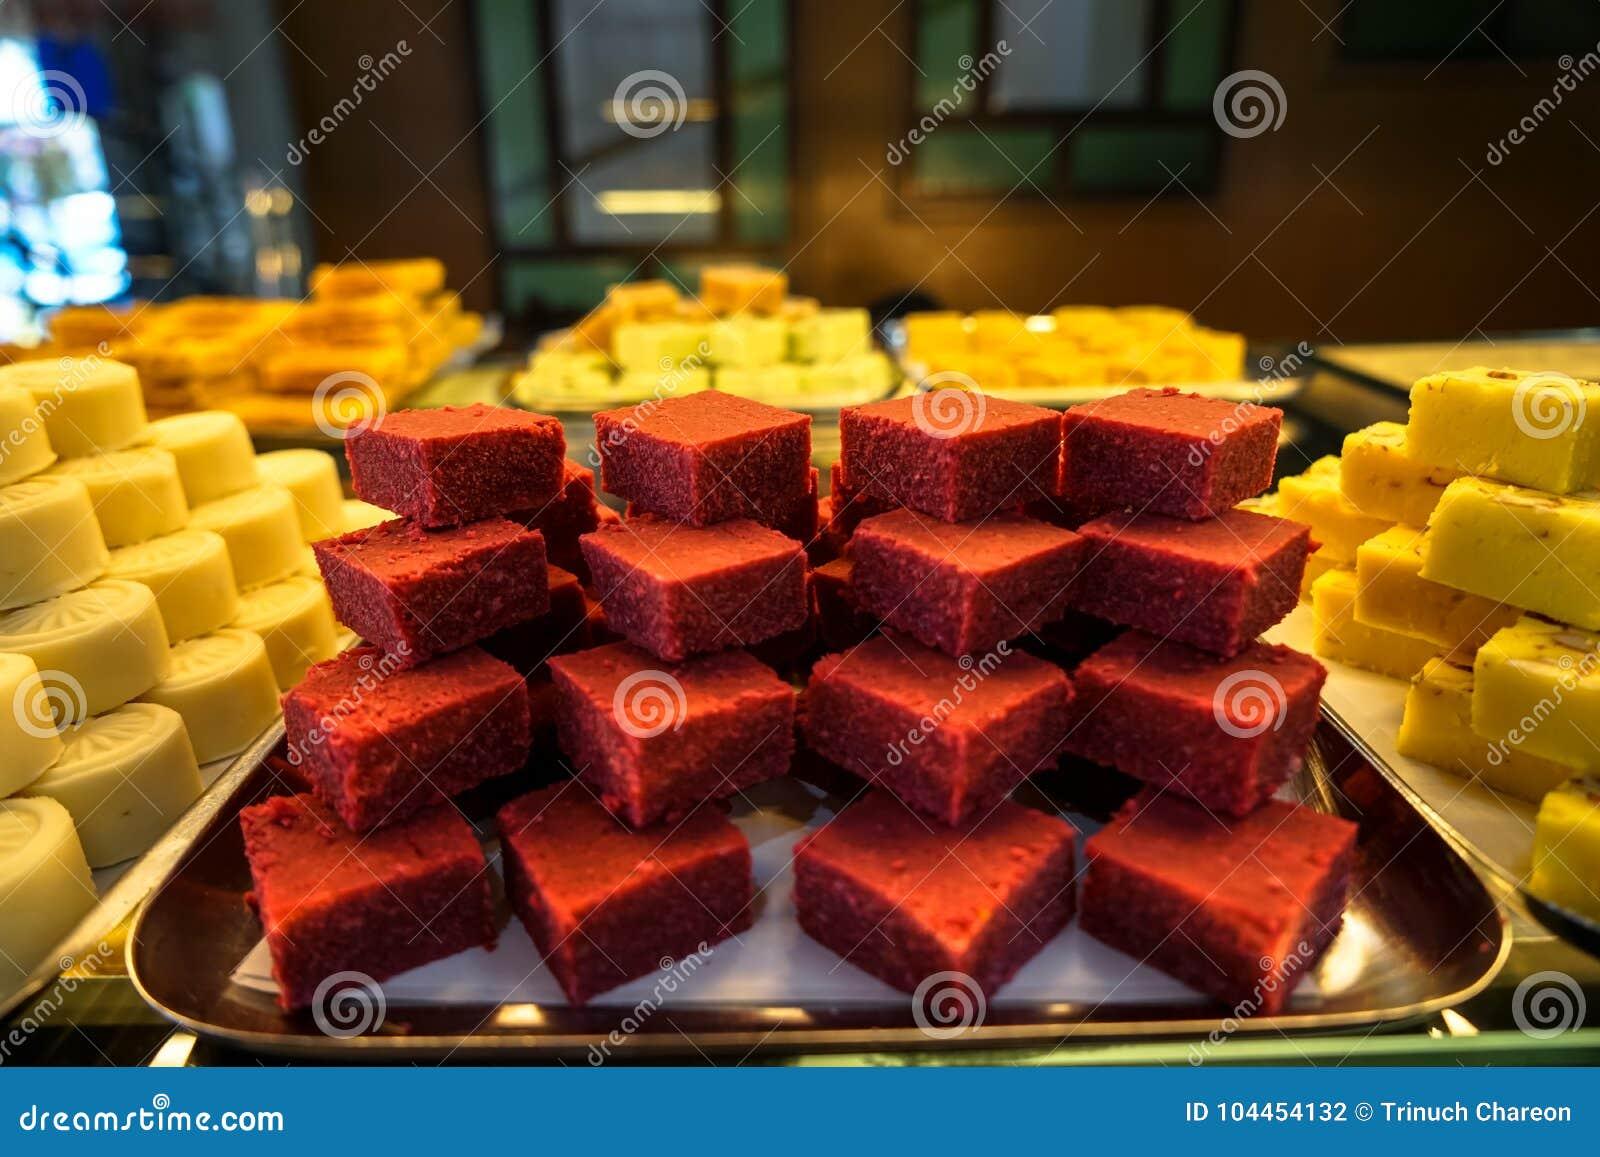 Trays full of stack colorful red velvet Indian sweet dessert in bakery showcase